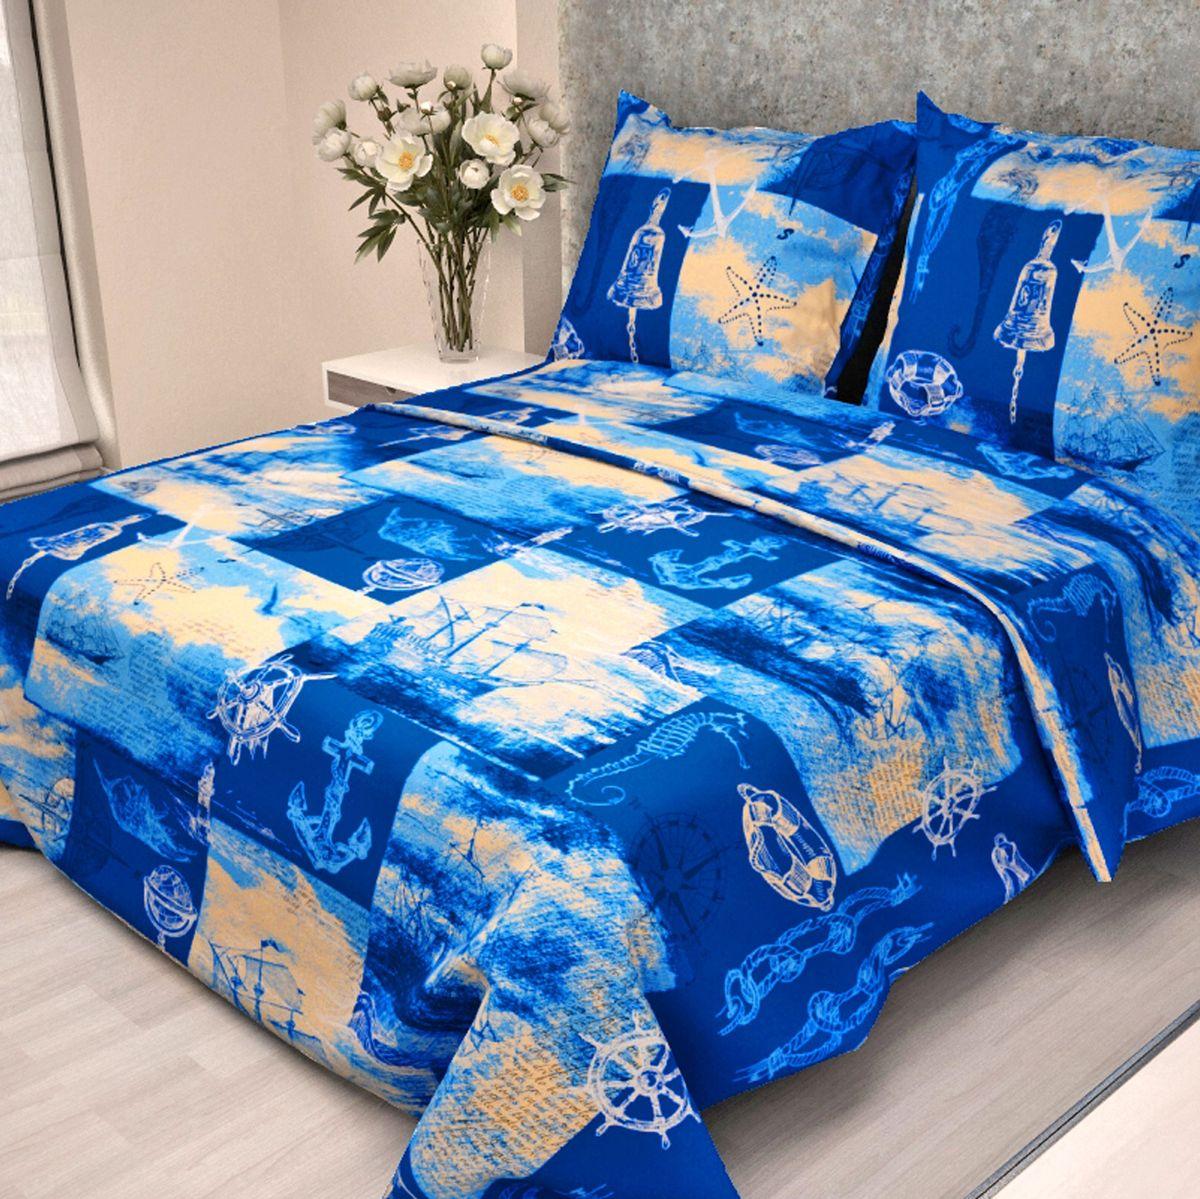 Letto Комплект детского постельного белья Кораблик